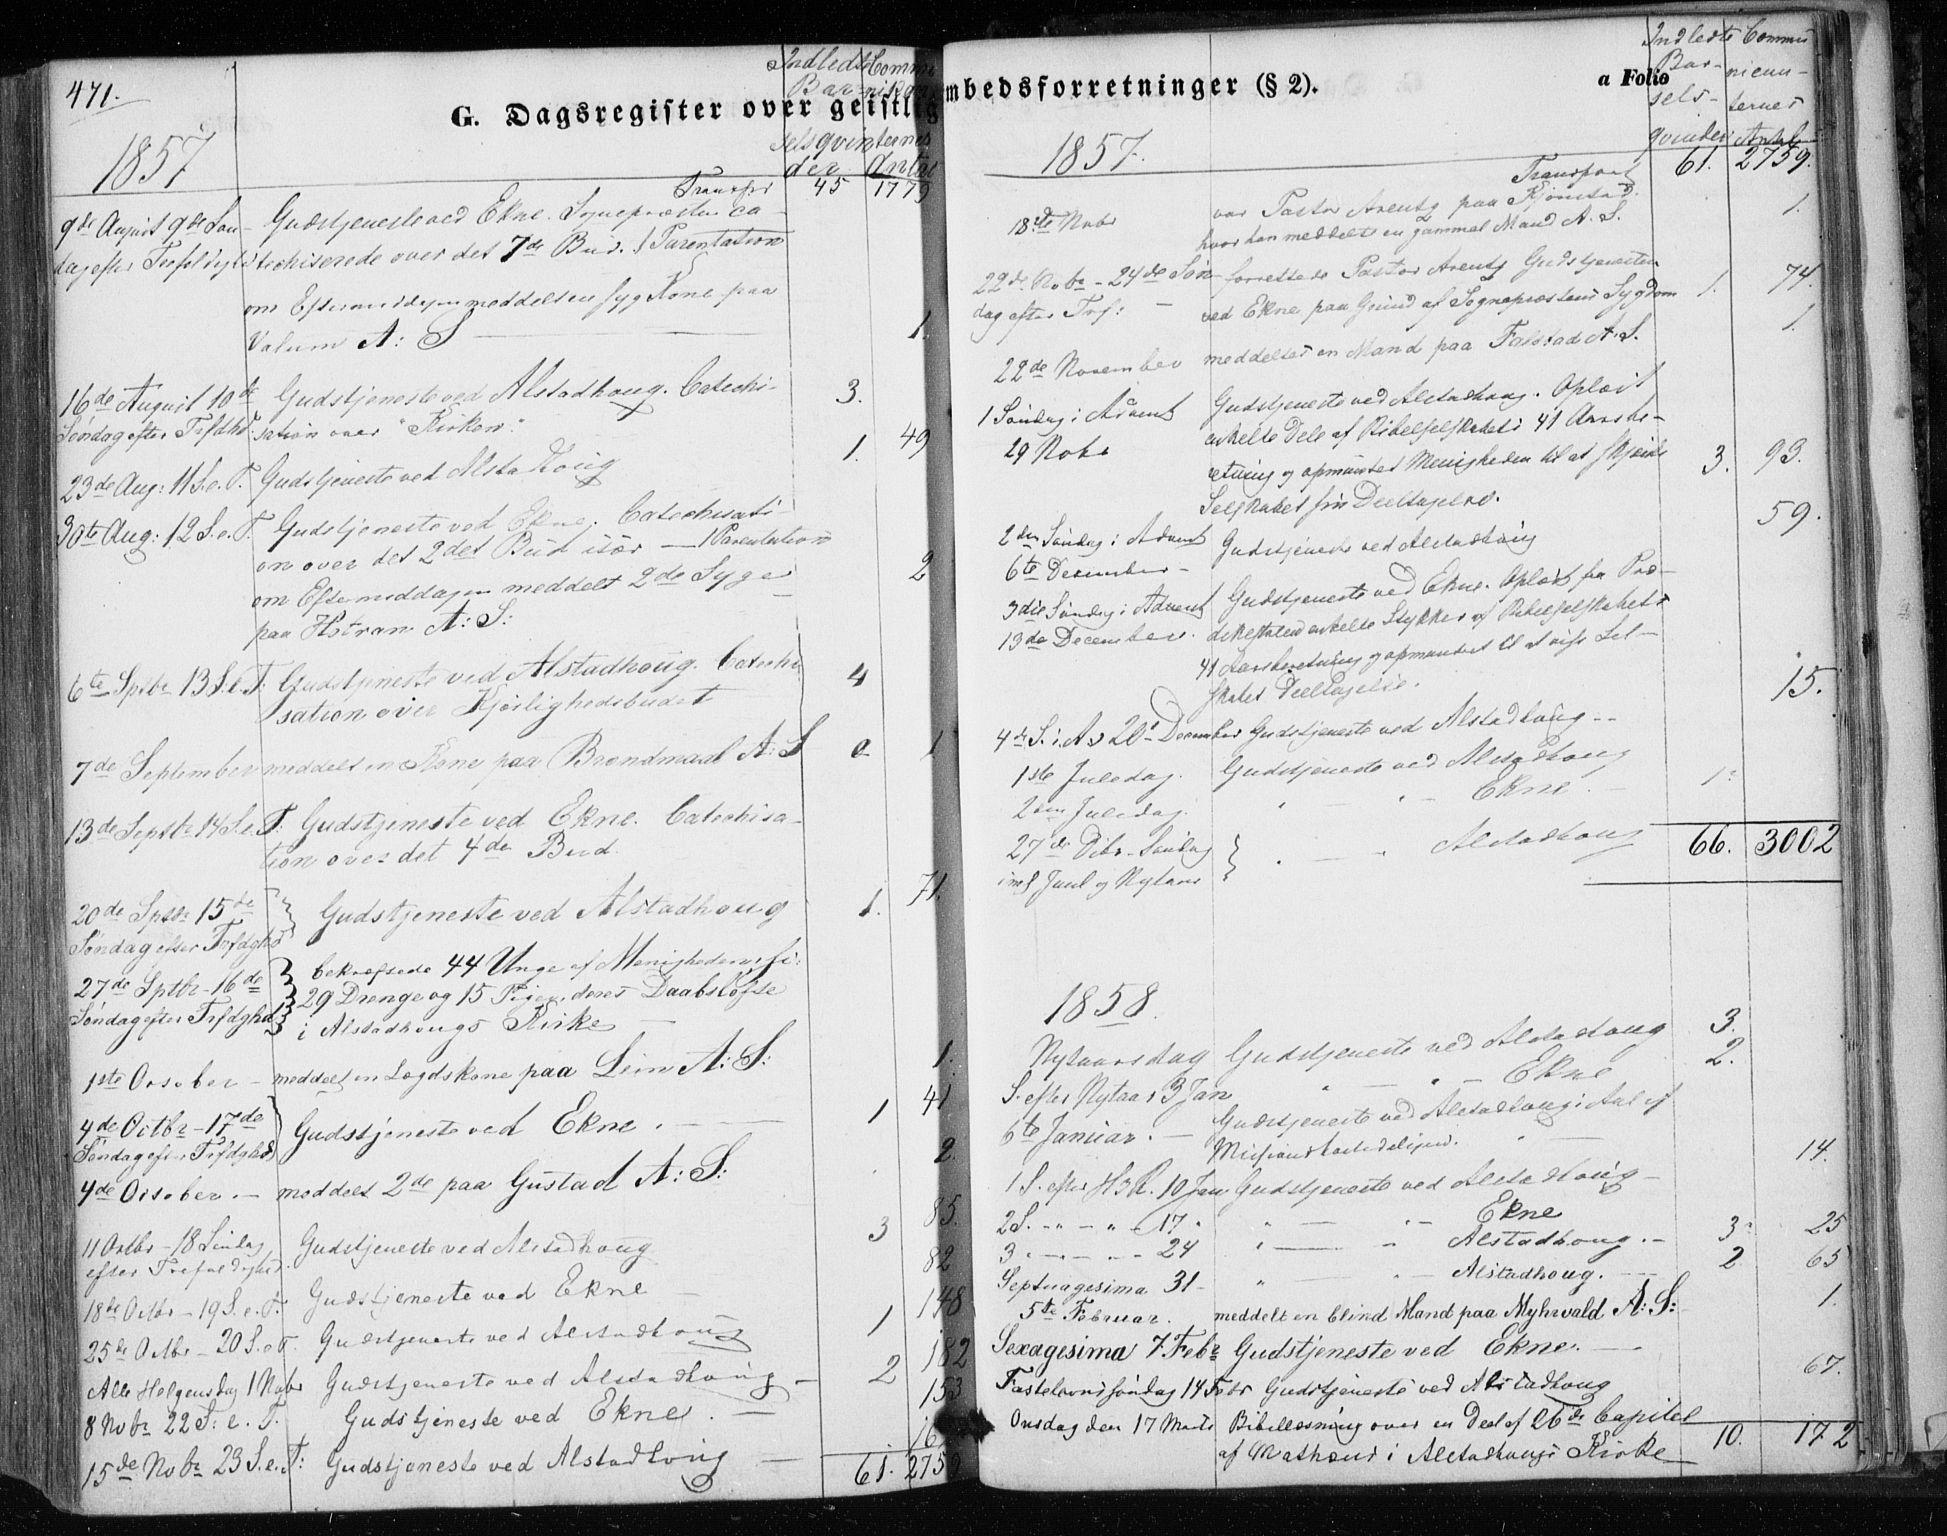 SAT, Ministerialprotokoller, klokkerbøker og fødselsregistre - Nord-Trøndelag, 717/L0154: Ministerialbok nr. 717A07 /1, 1850-1862, s. 471